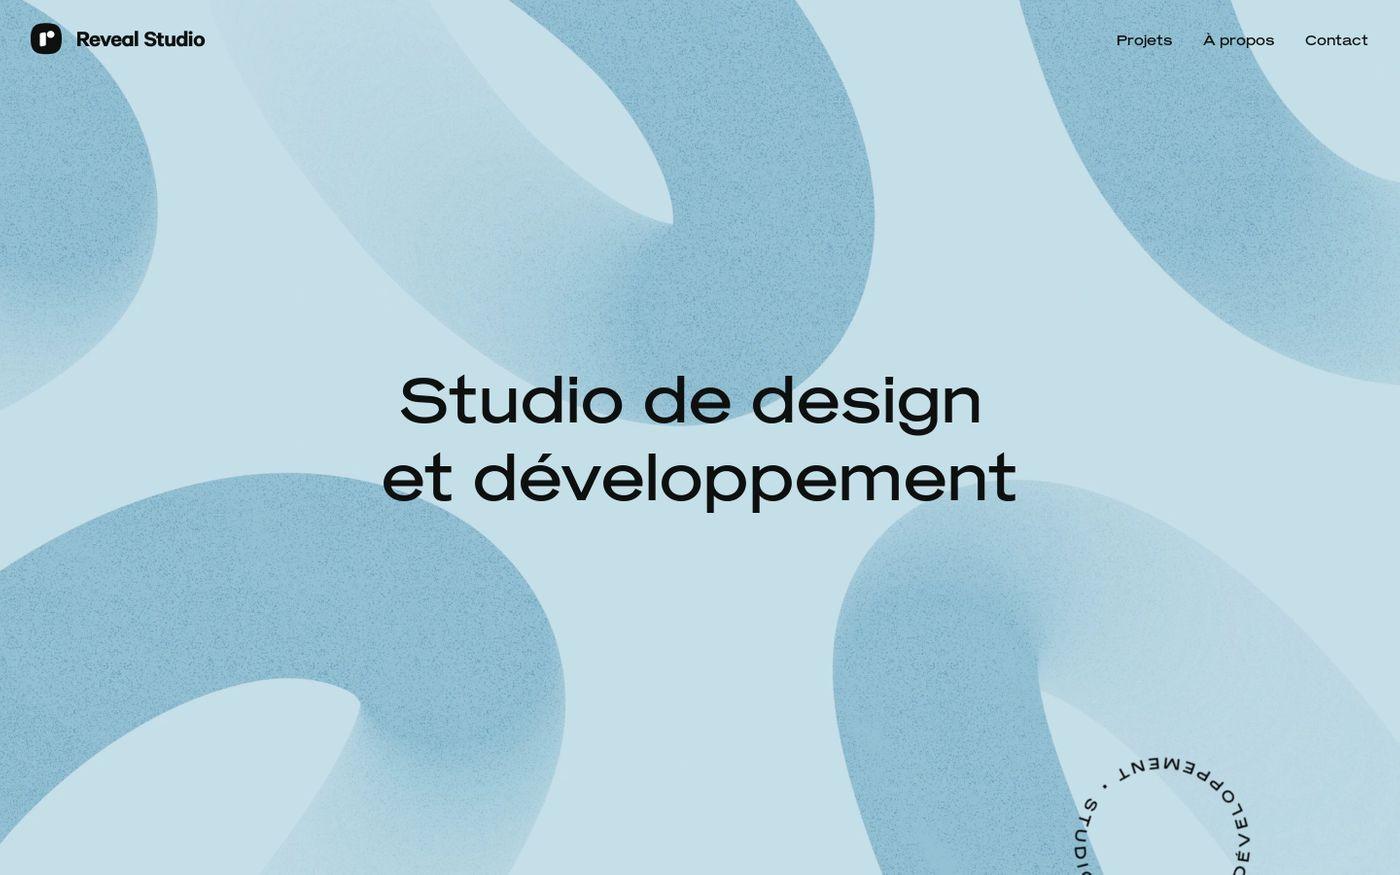 Screenshot of Reveal Studio website